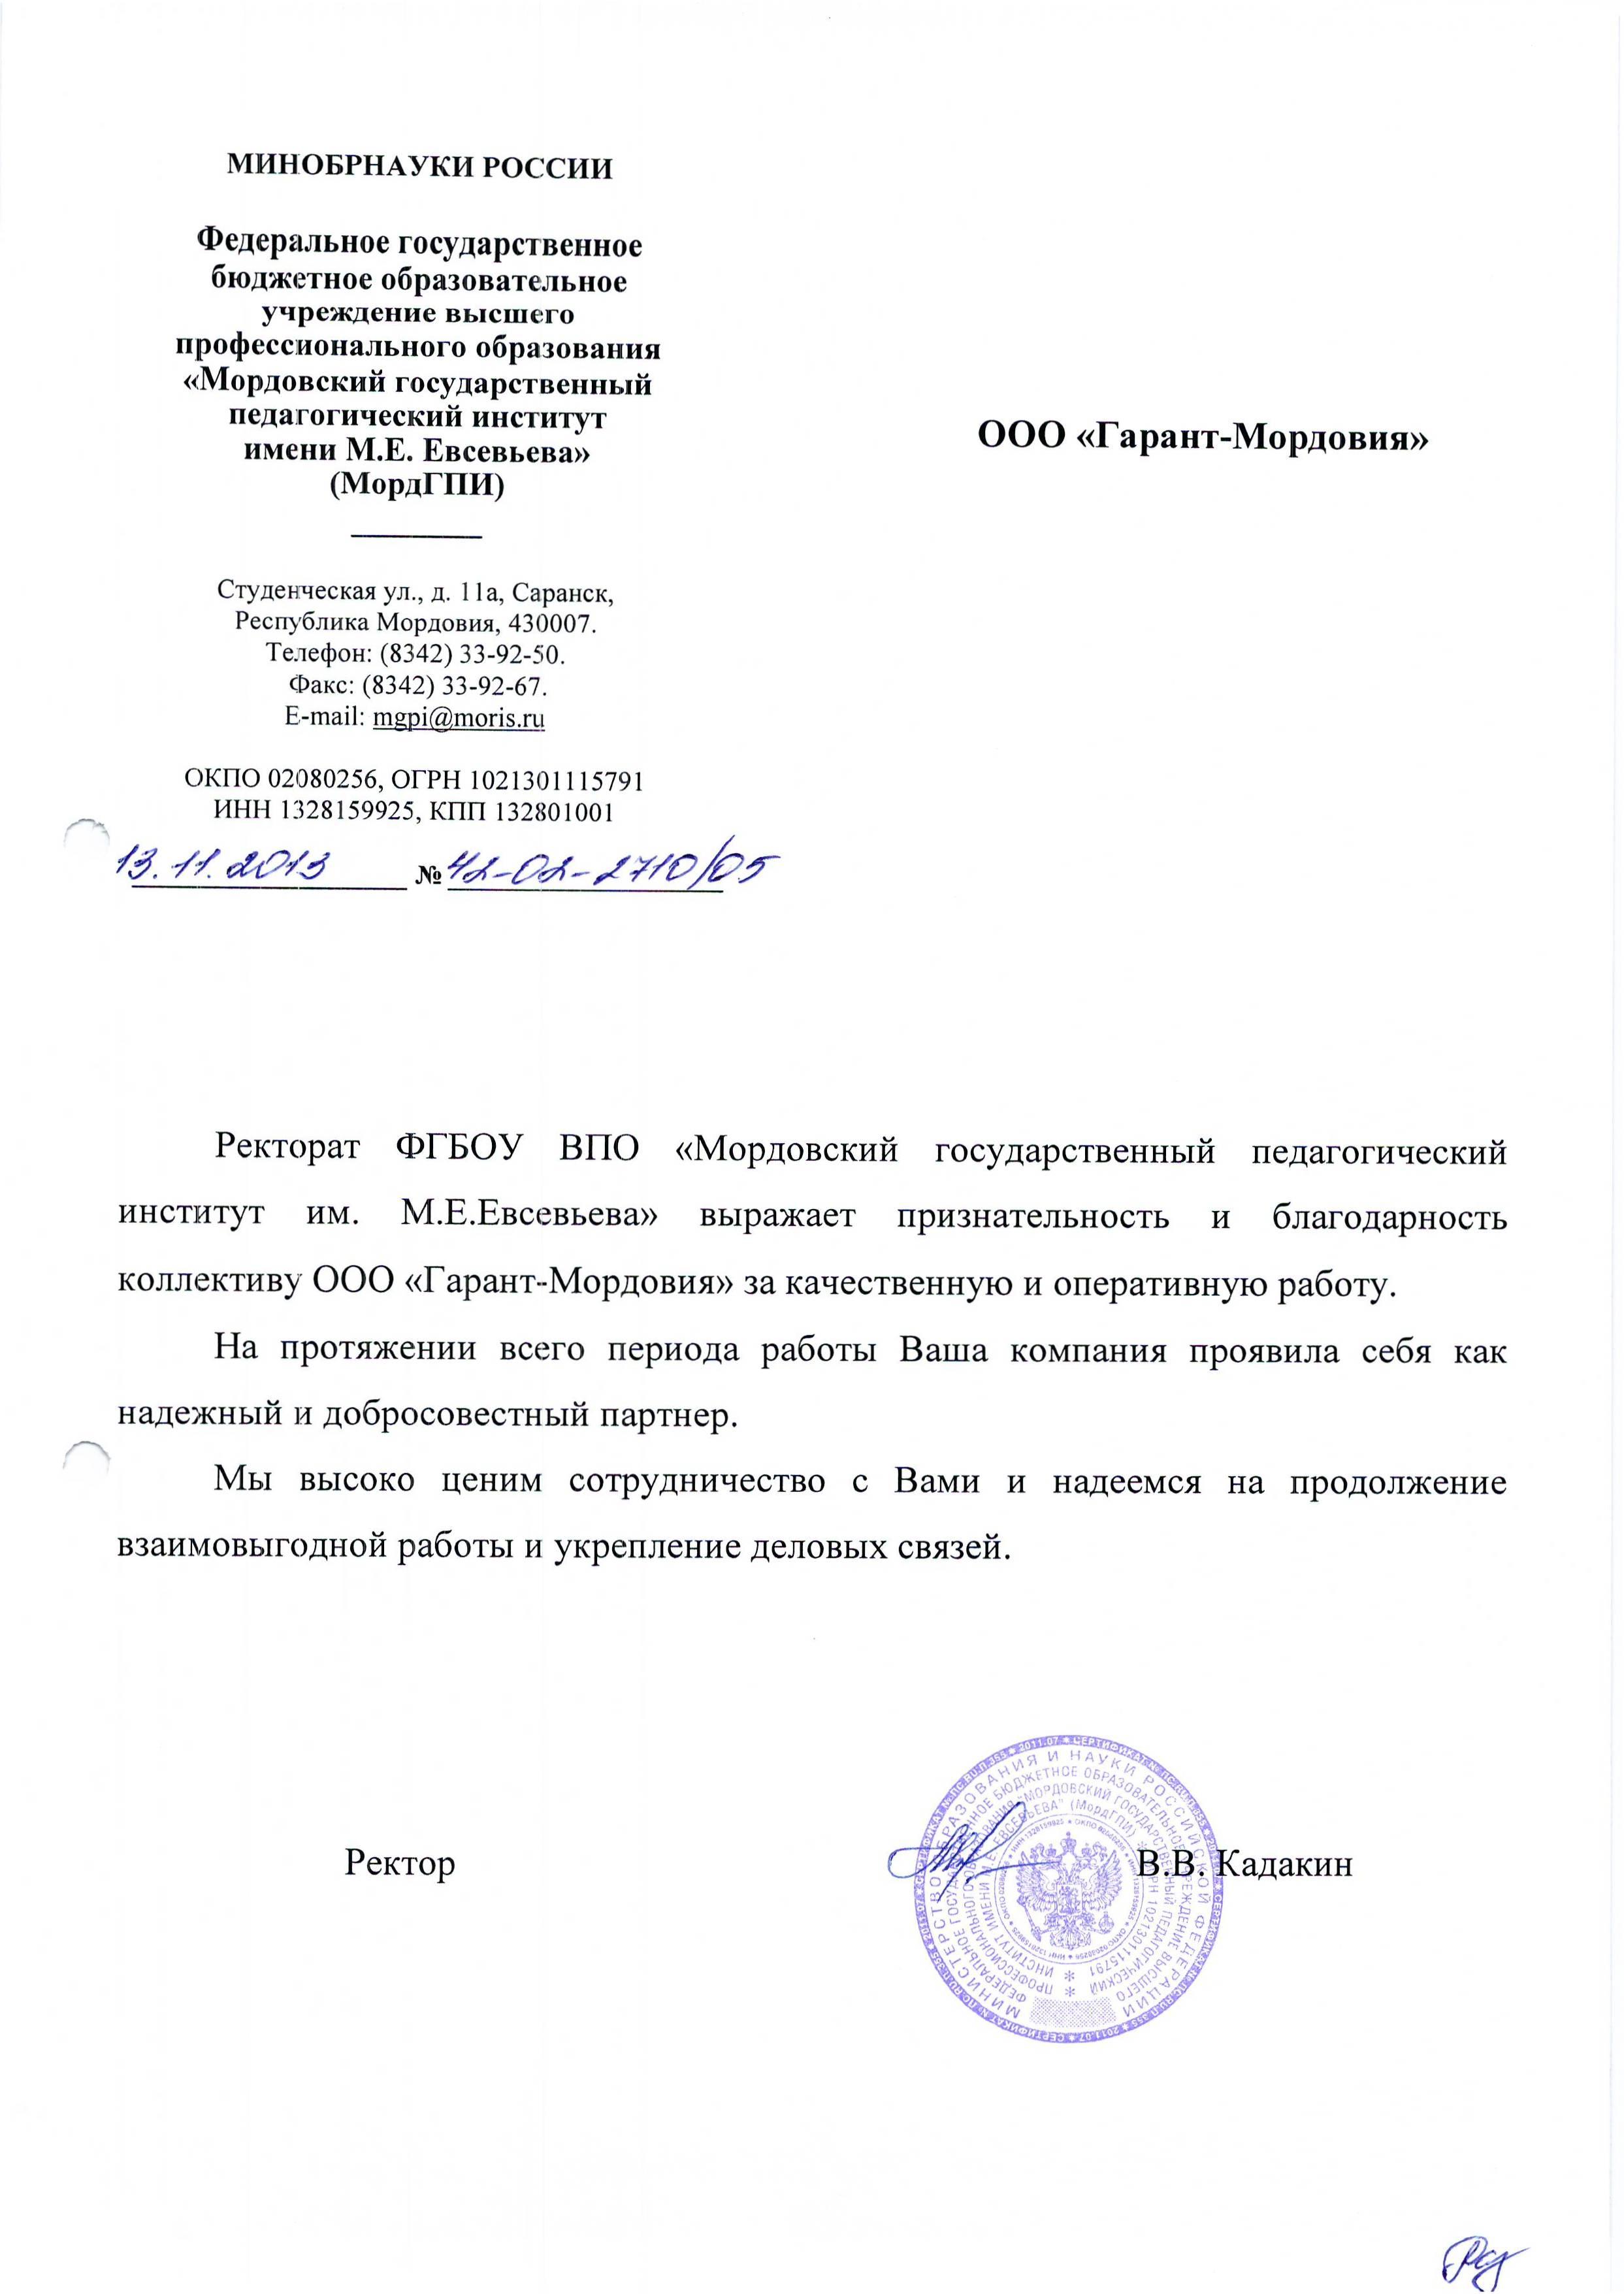 МГПИ_13.11.13